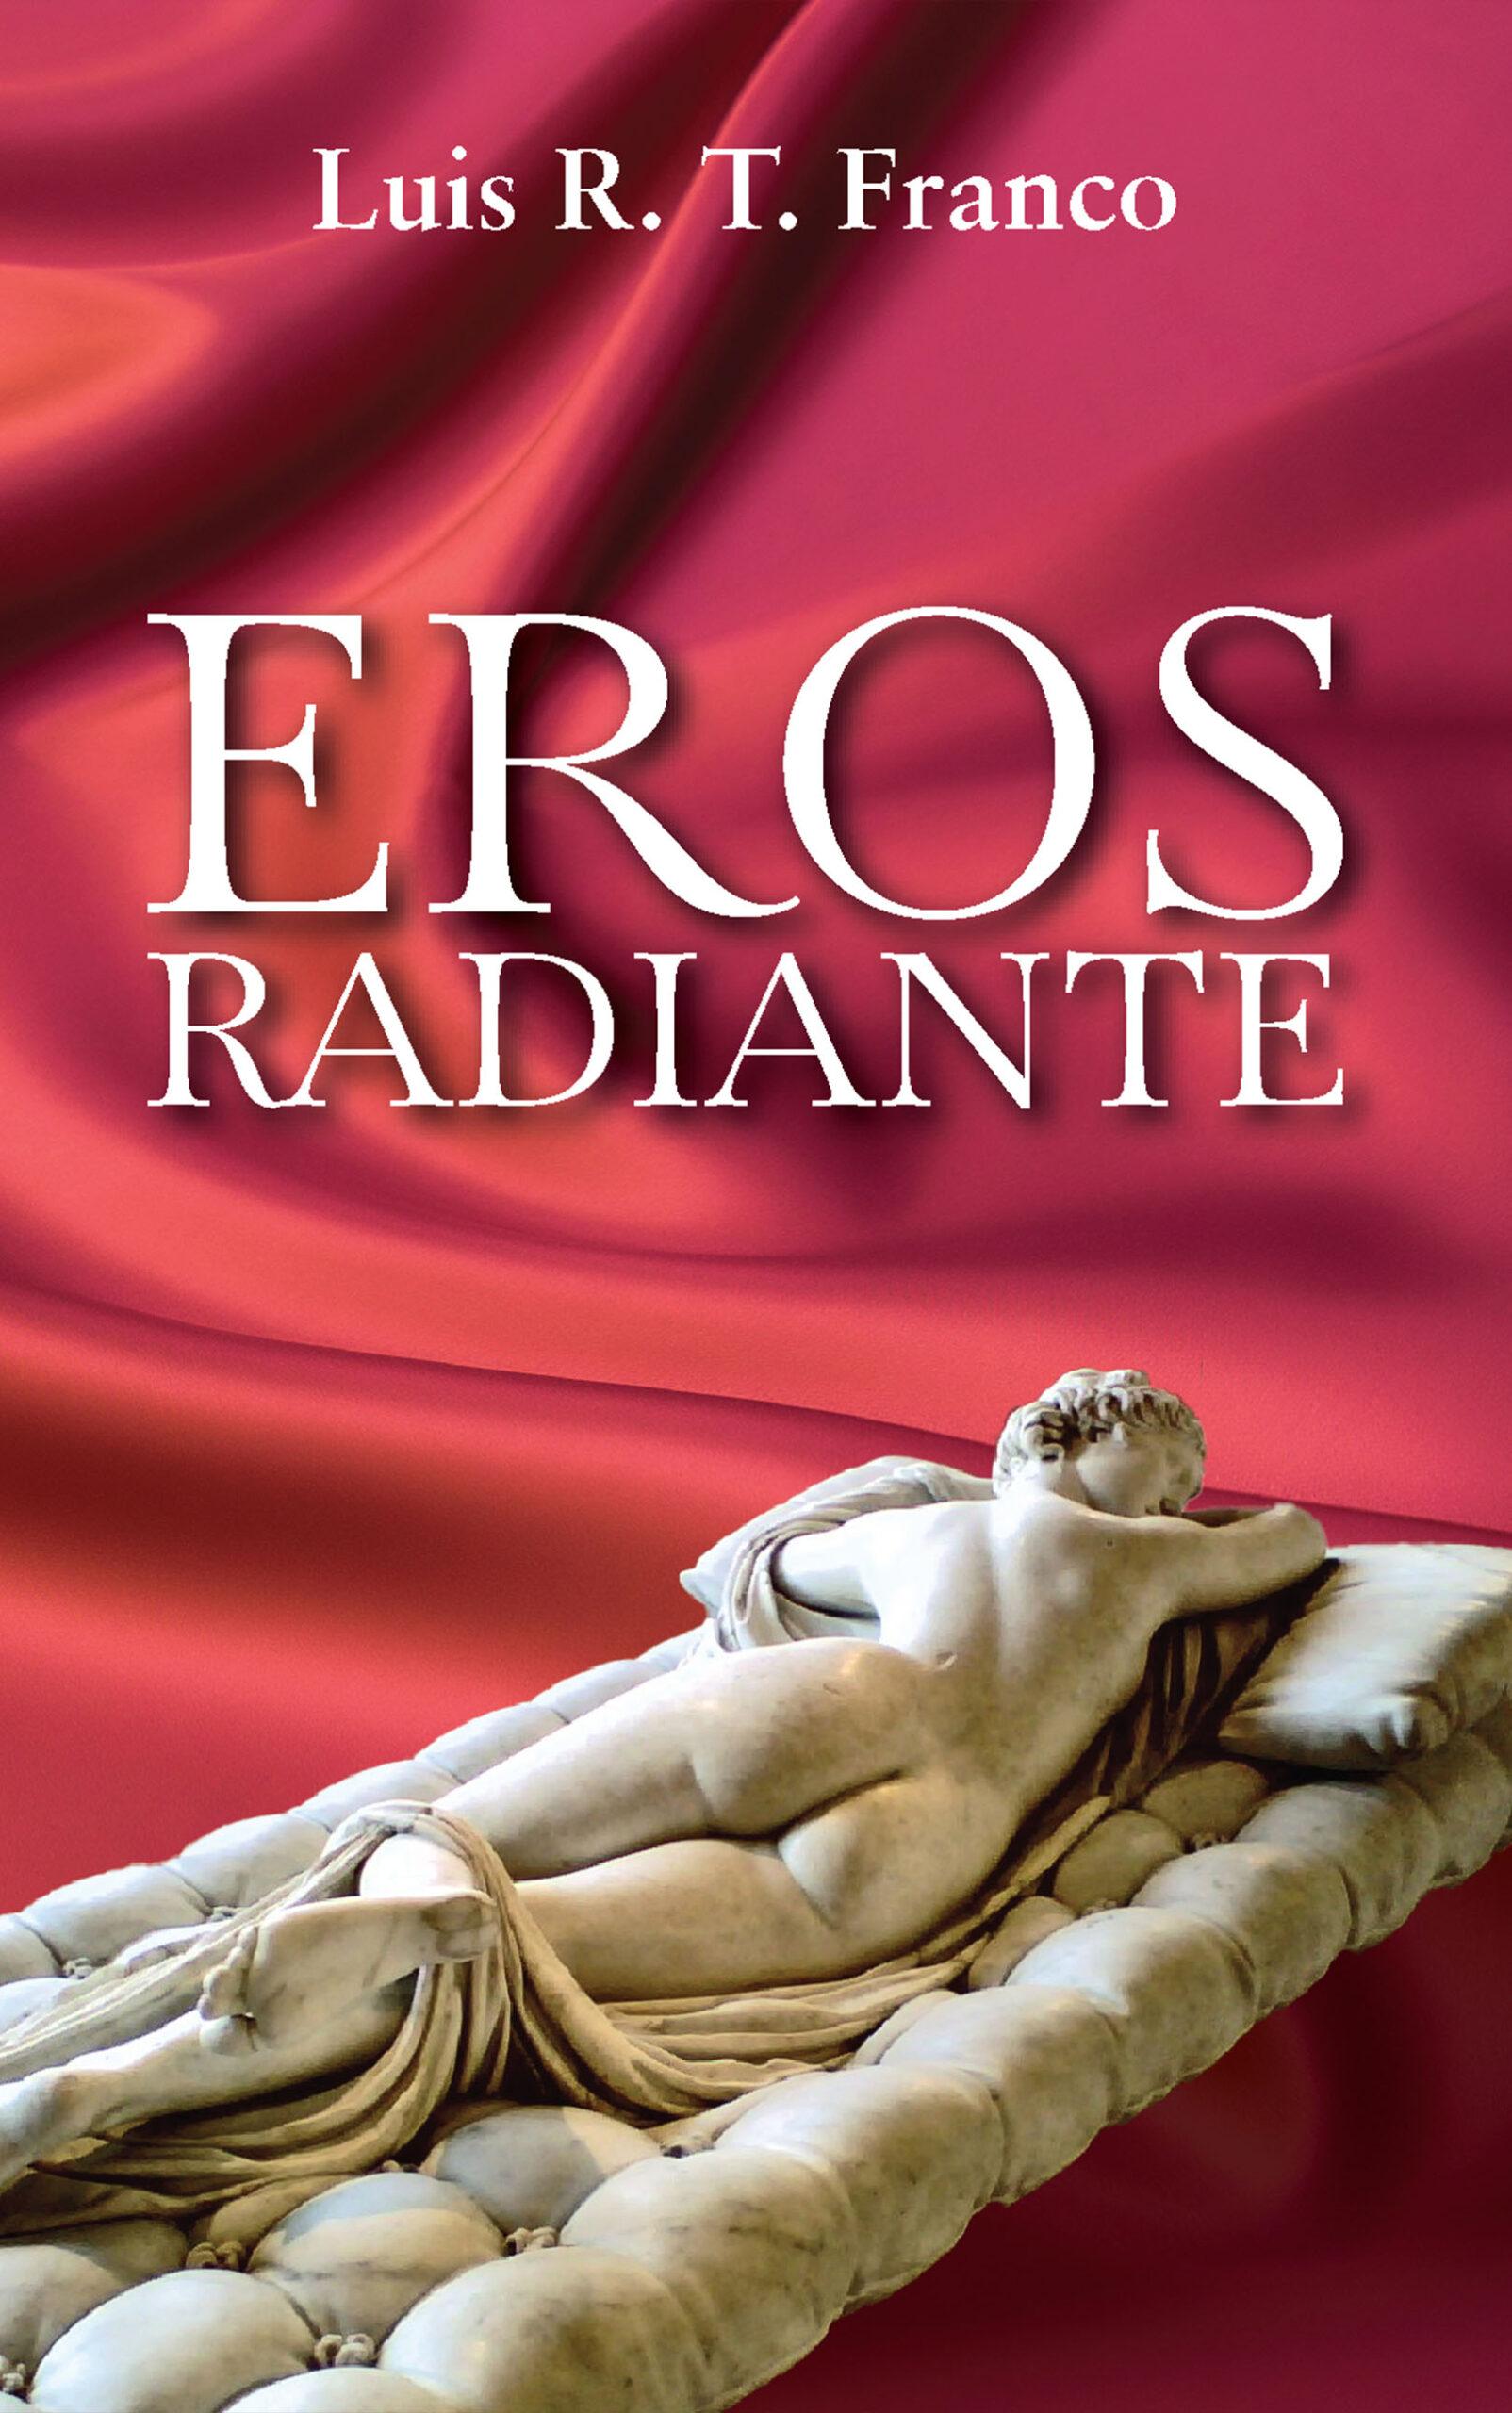 Eros radiante, de Luis R. T. Franco